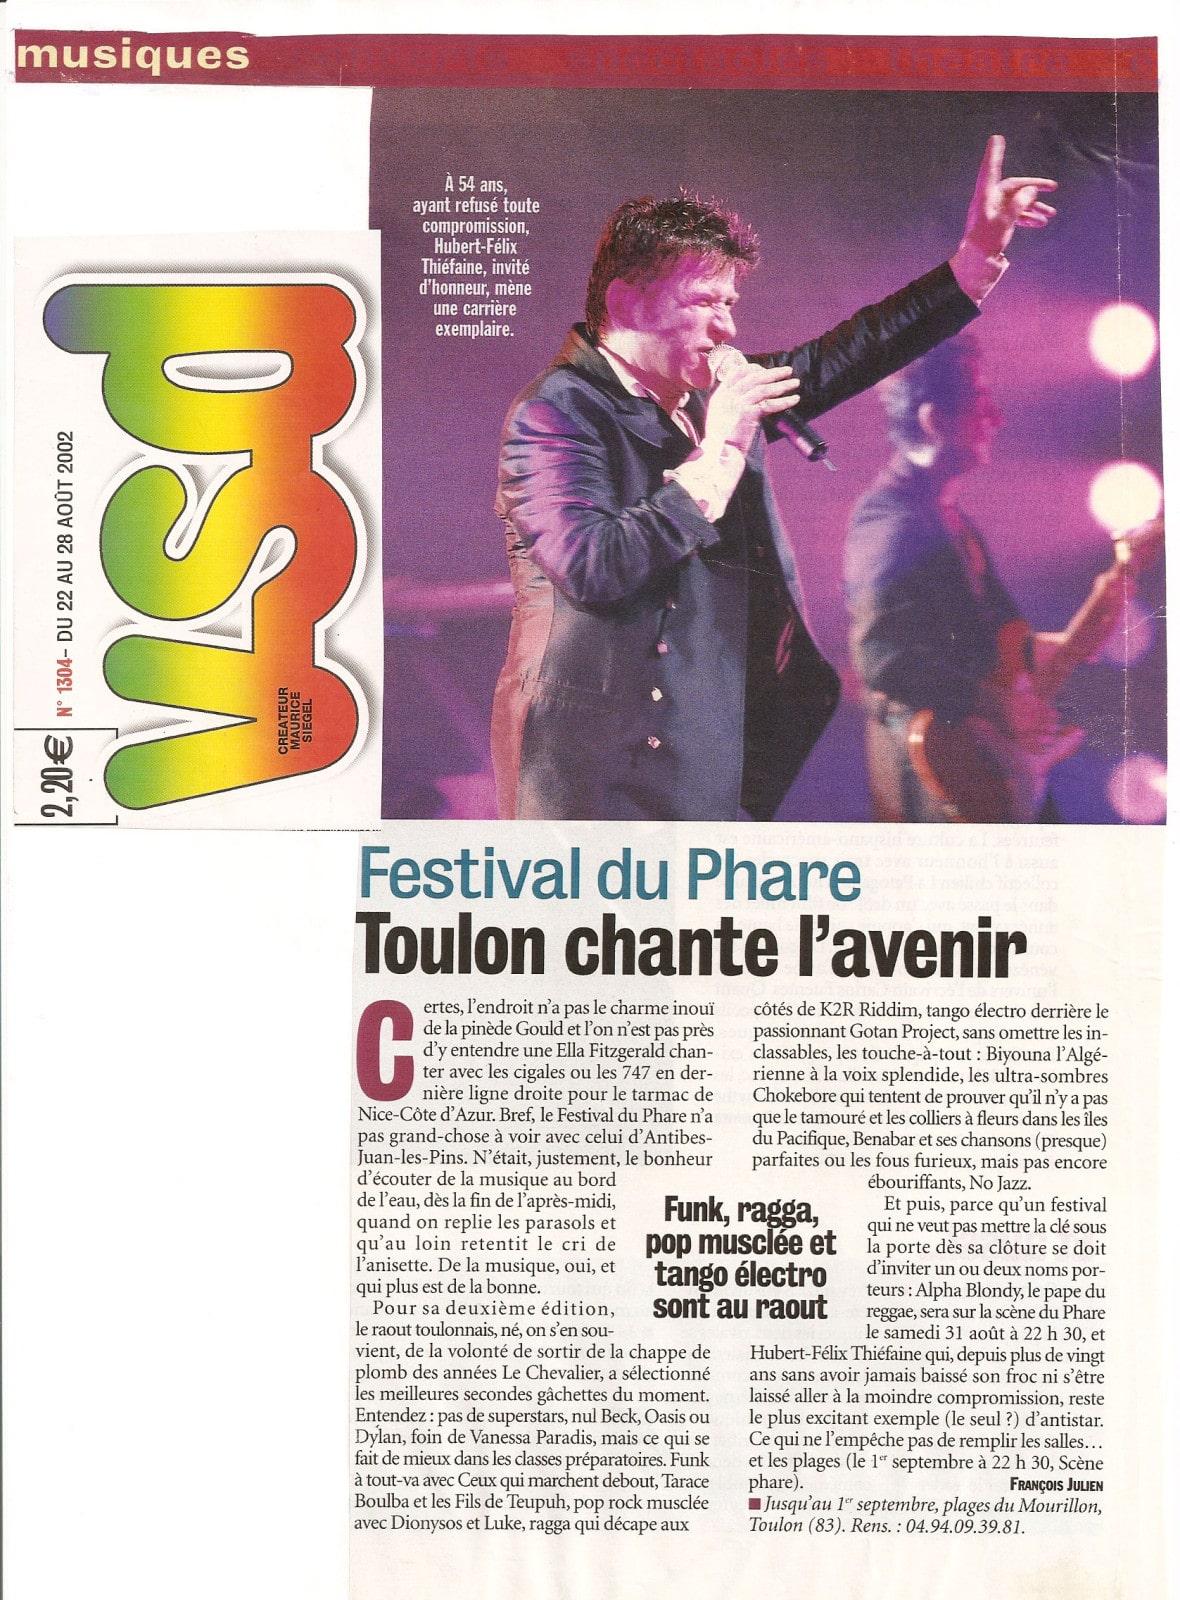 Festival du Phare | Toulon | 2003 | revue de presse Festival du Phare | Toulon | 2003 | revue de presse vsd festival du phare 2002